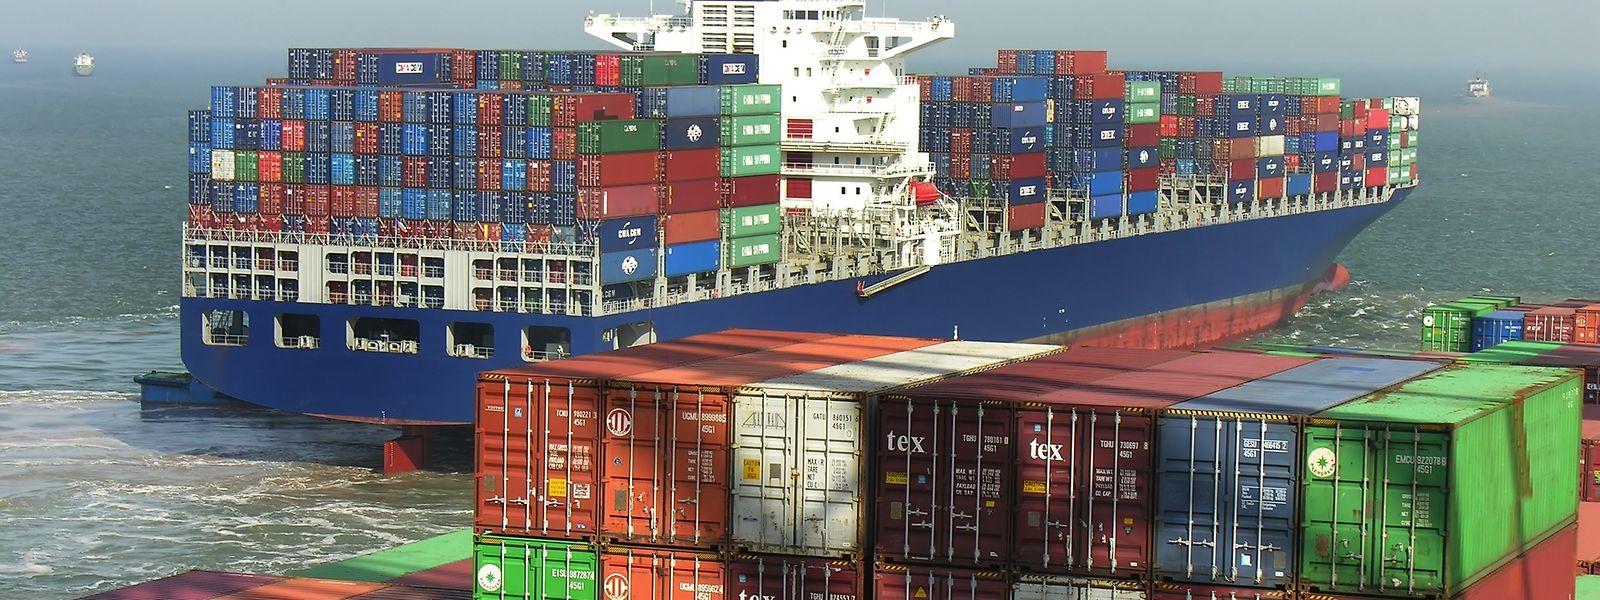 Riesige Containerschiffe liefern Nachschub quer über den Erdball. In der Corona-Krise erfuhren viele Unternehmen, wie anfällig die fein austarierten globalen Lieferketten für Störungen sind.